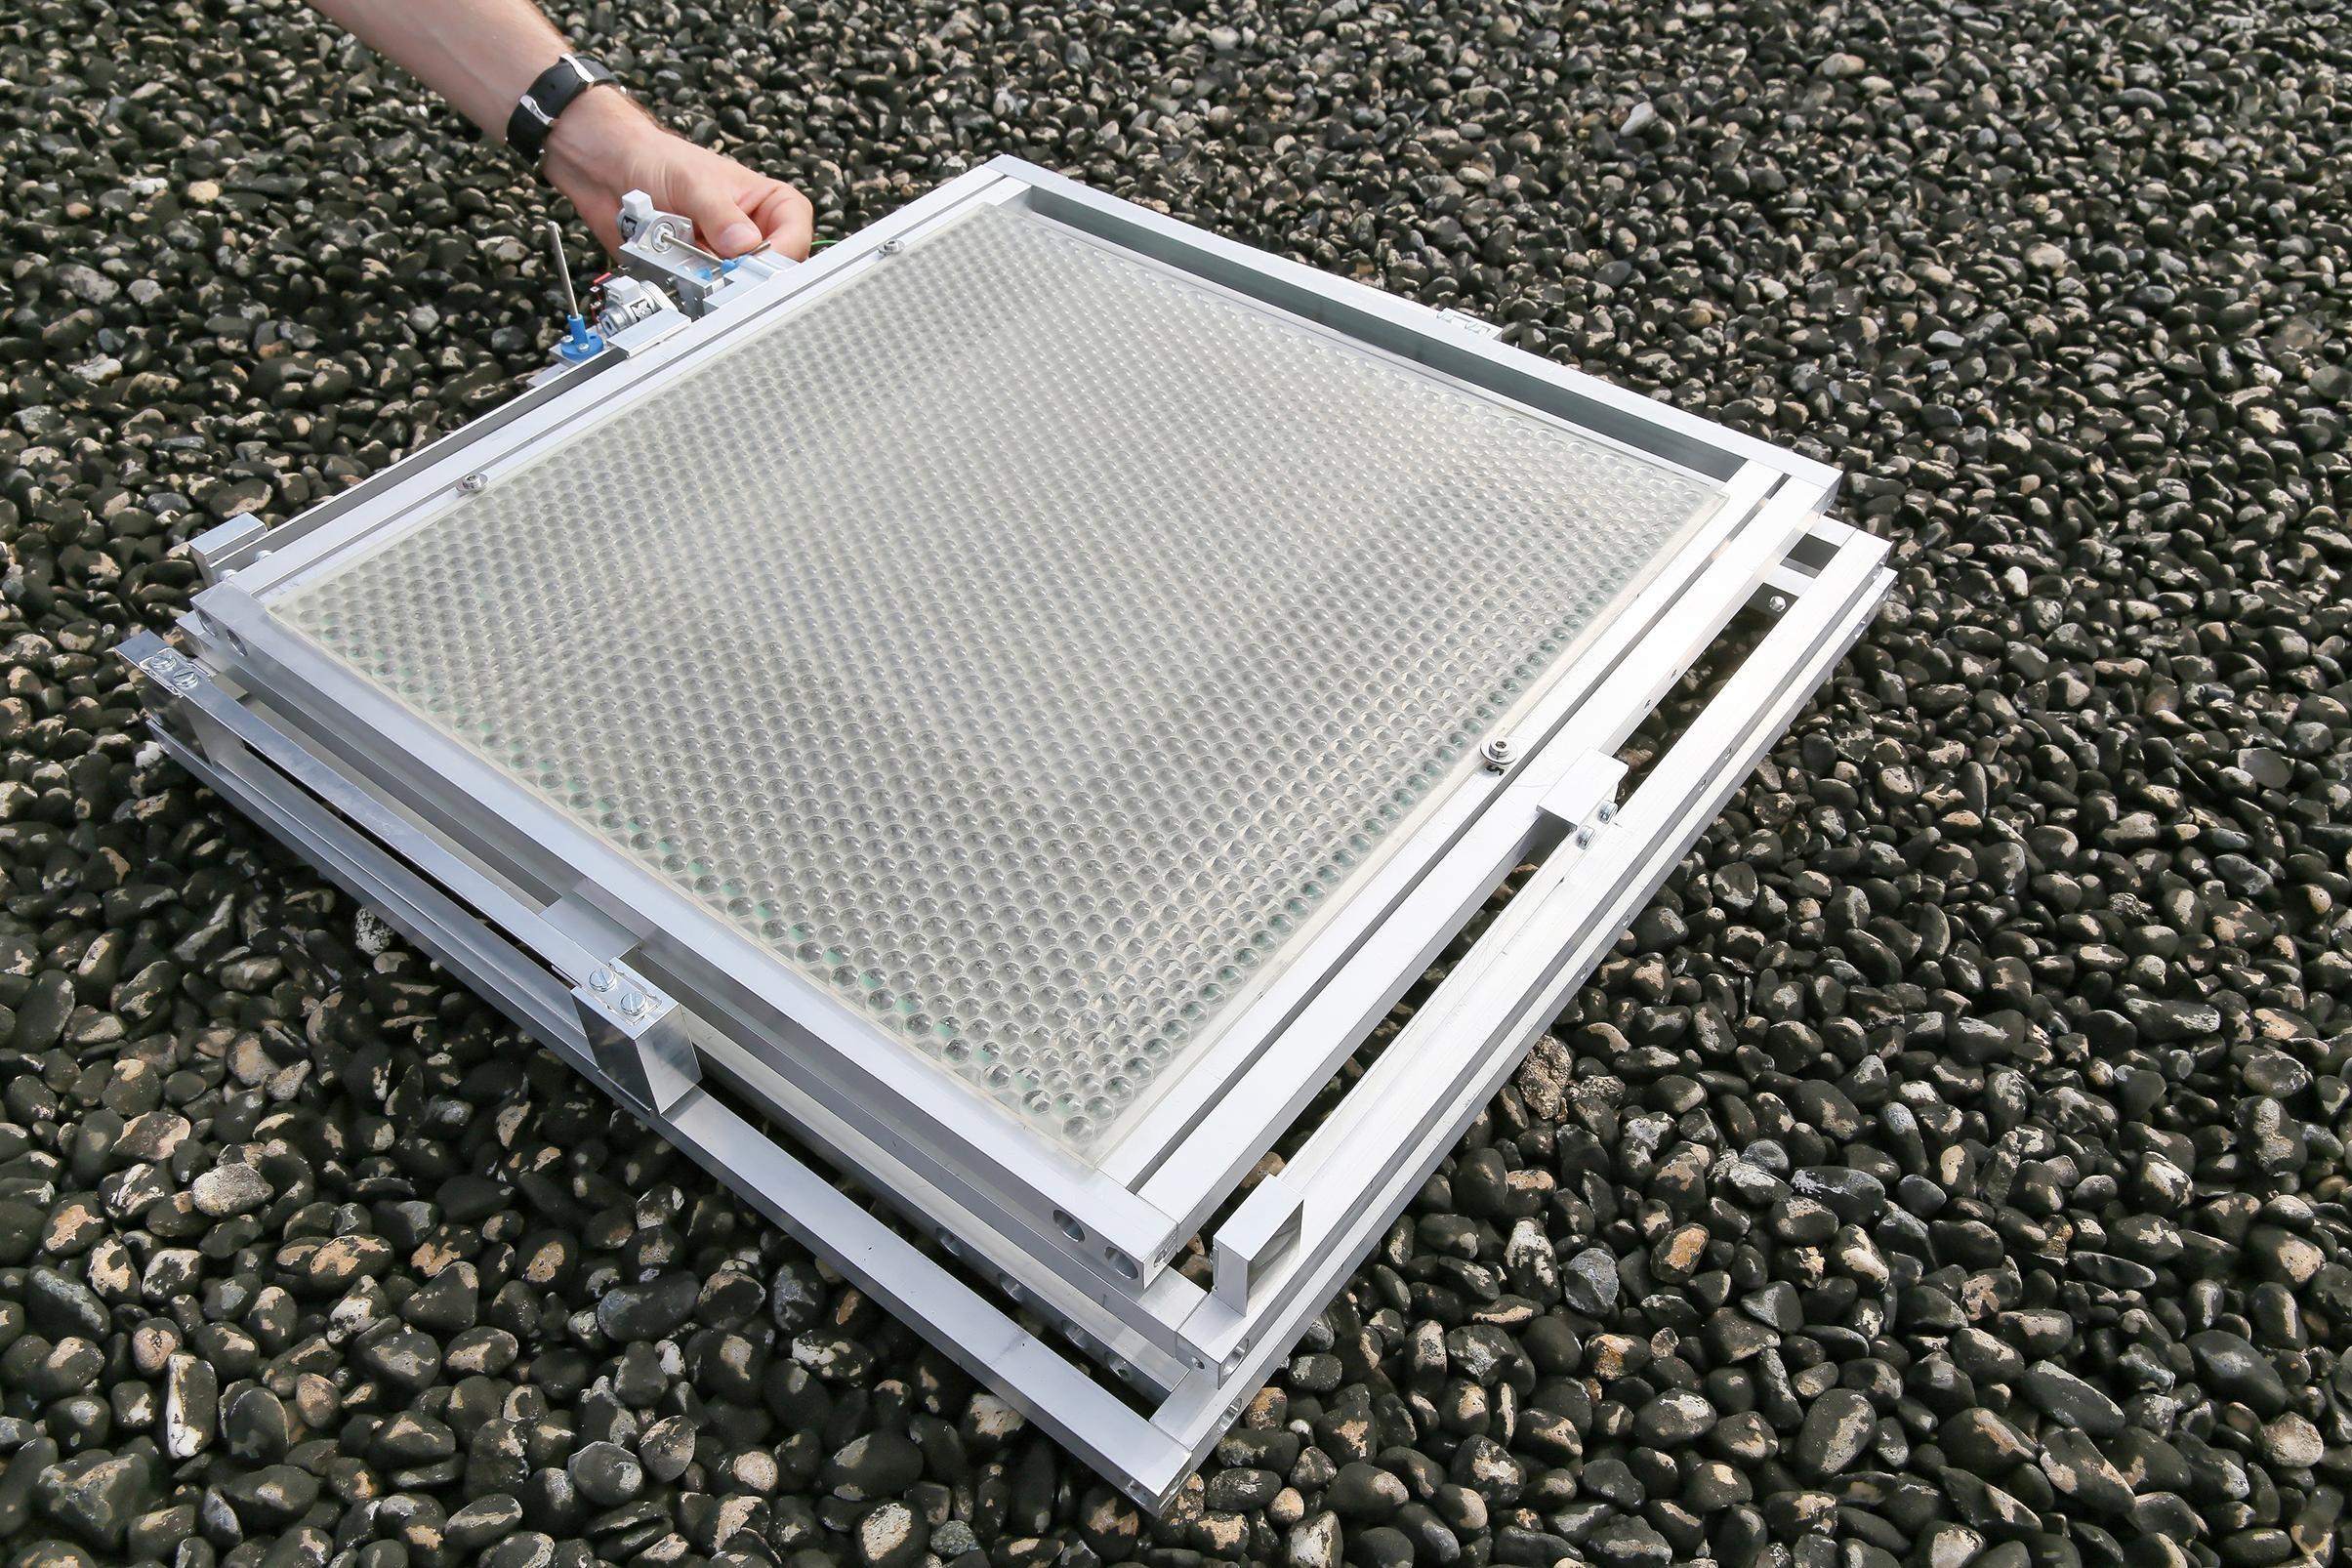 recherche des panneaux solaires lentilles deux fois plus rentables l 39 energeek. Black Bedroom Furniture Sets. Home Design Ideas